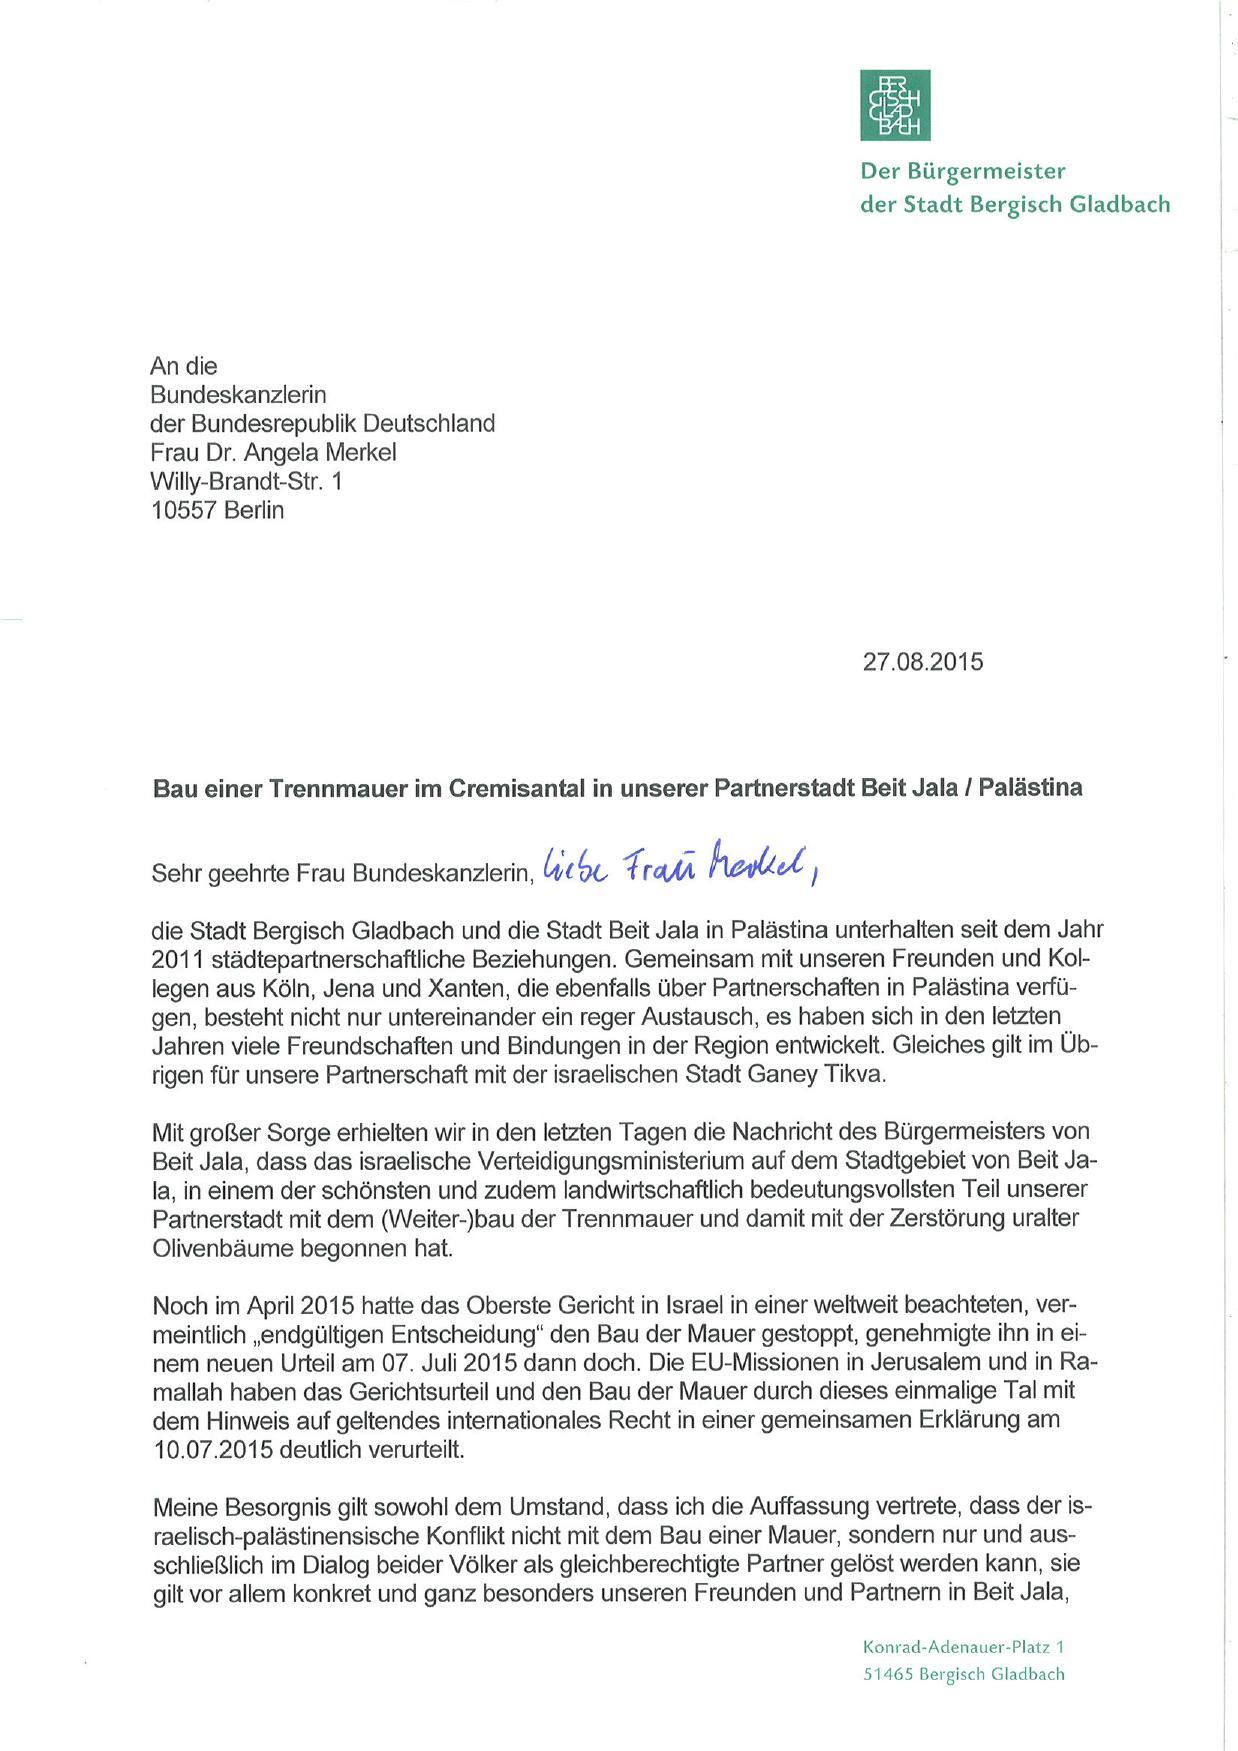 urgent appeal, Schreiben Urbach an Merk. und Steinm_000001